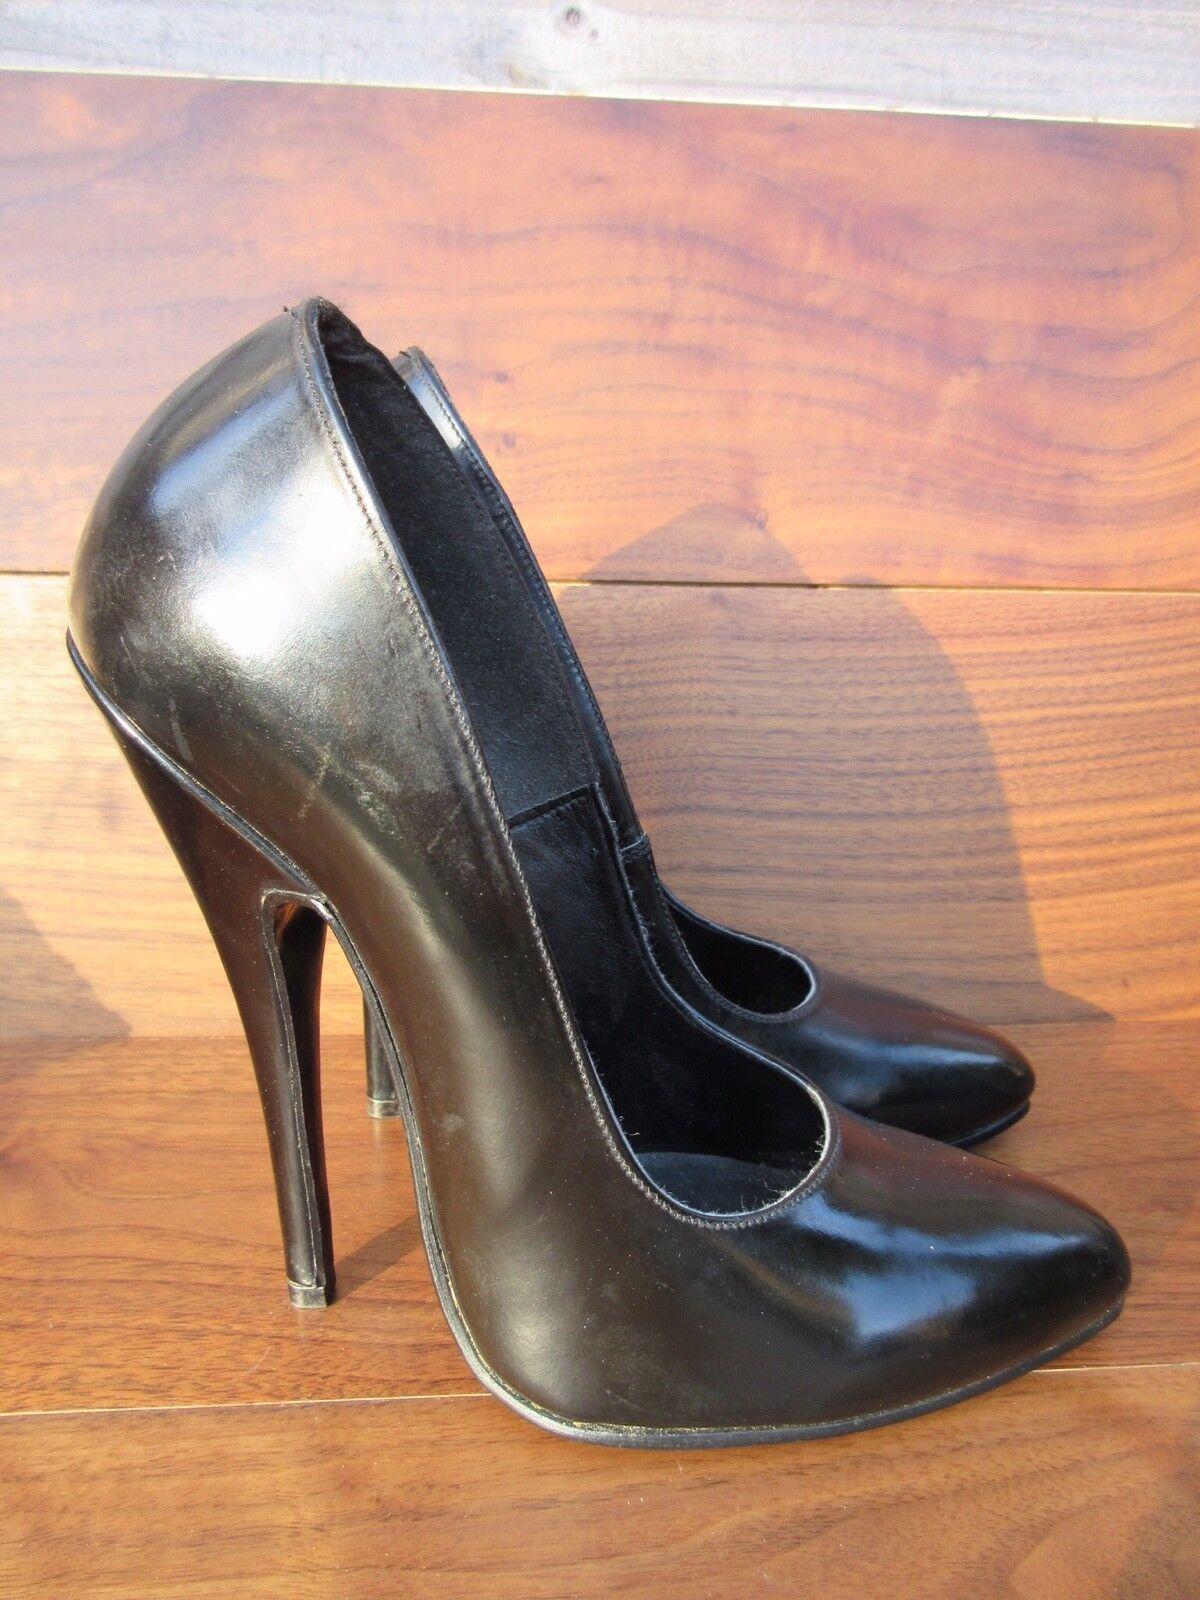 Skin Two London en cuir noir classique talons aiguilles 13.5 cm Talon Taille 5 1 2